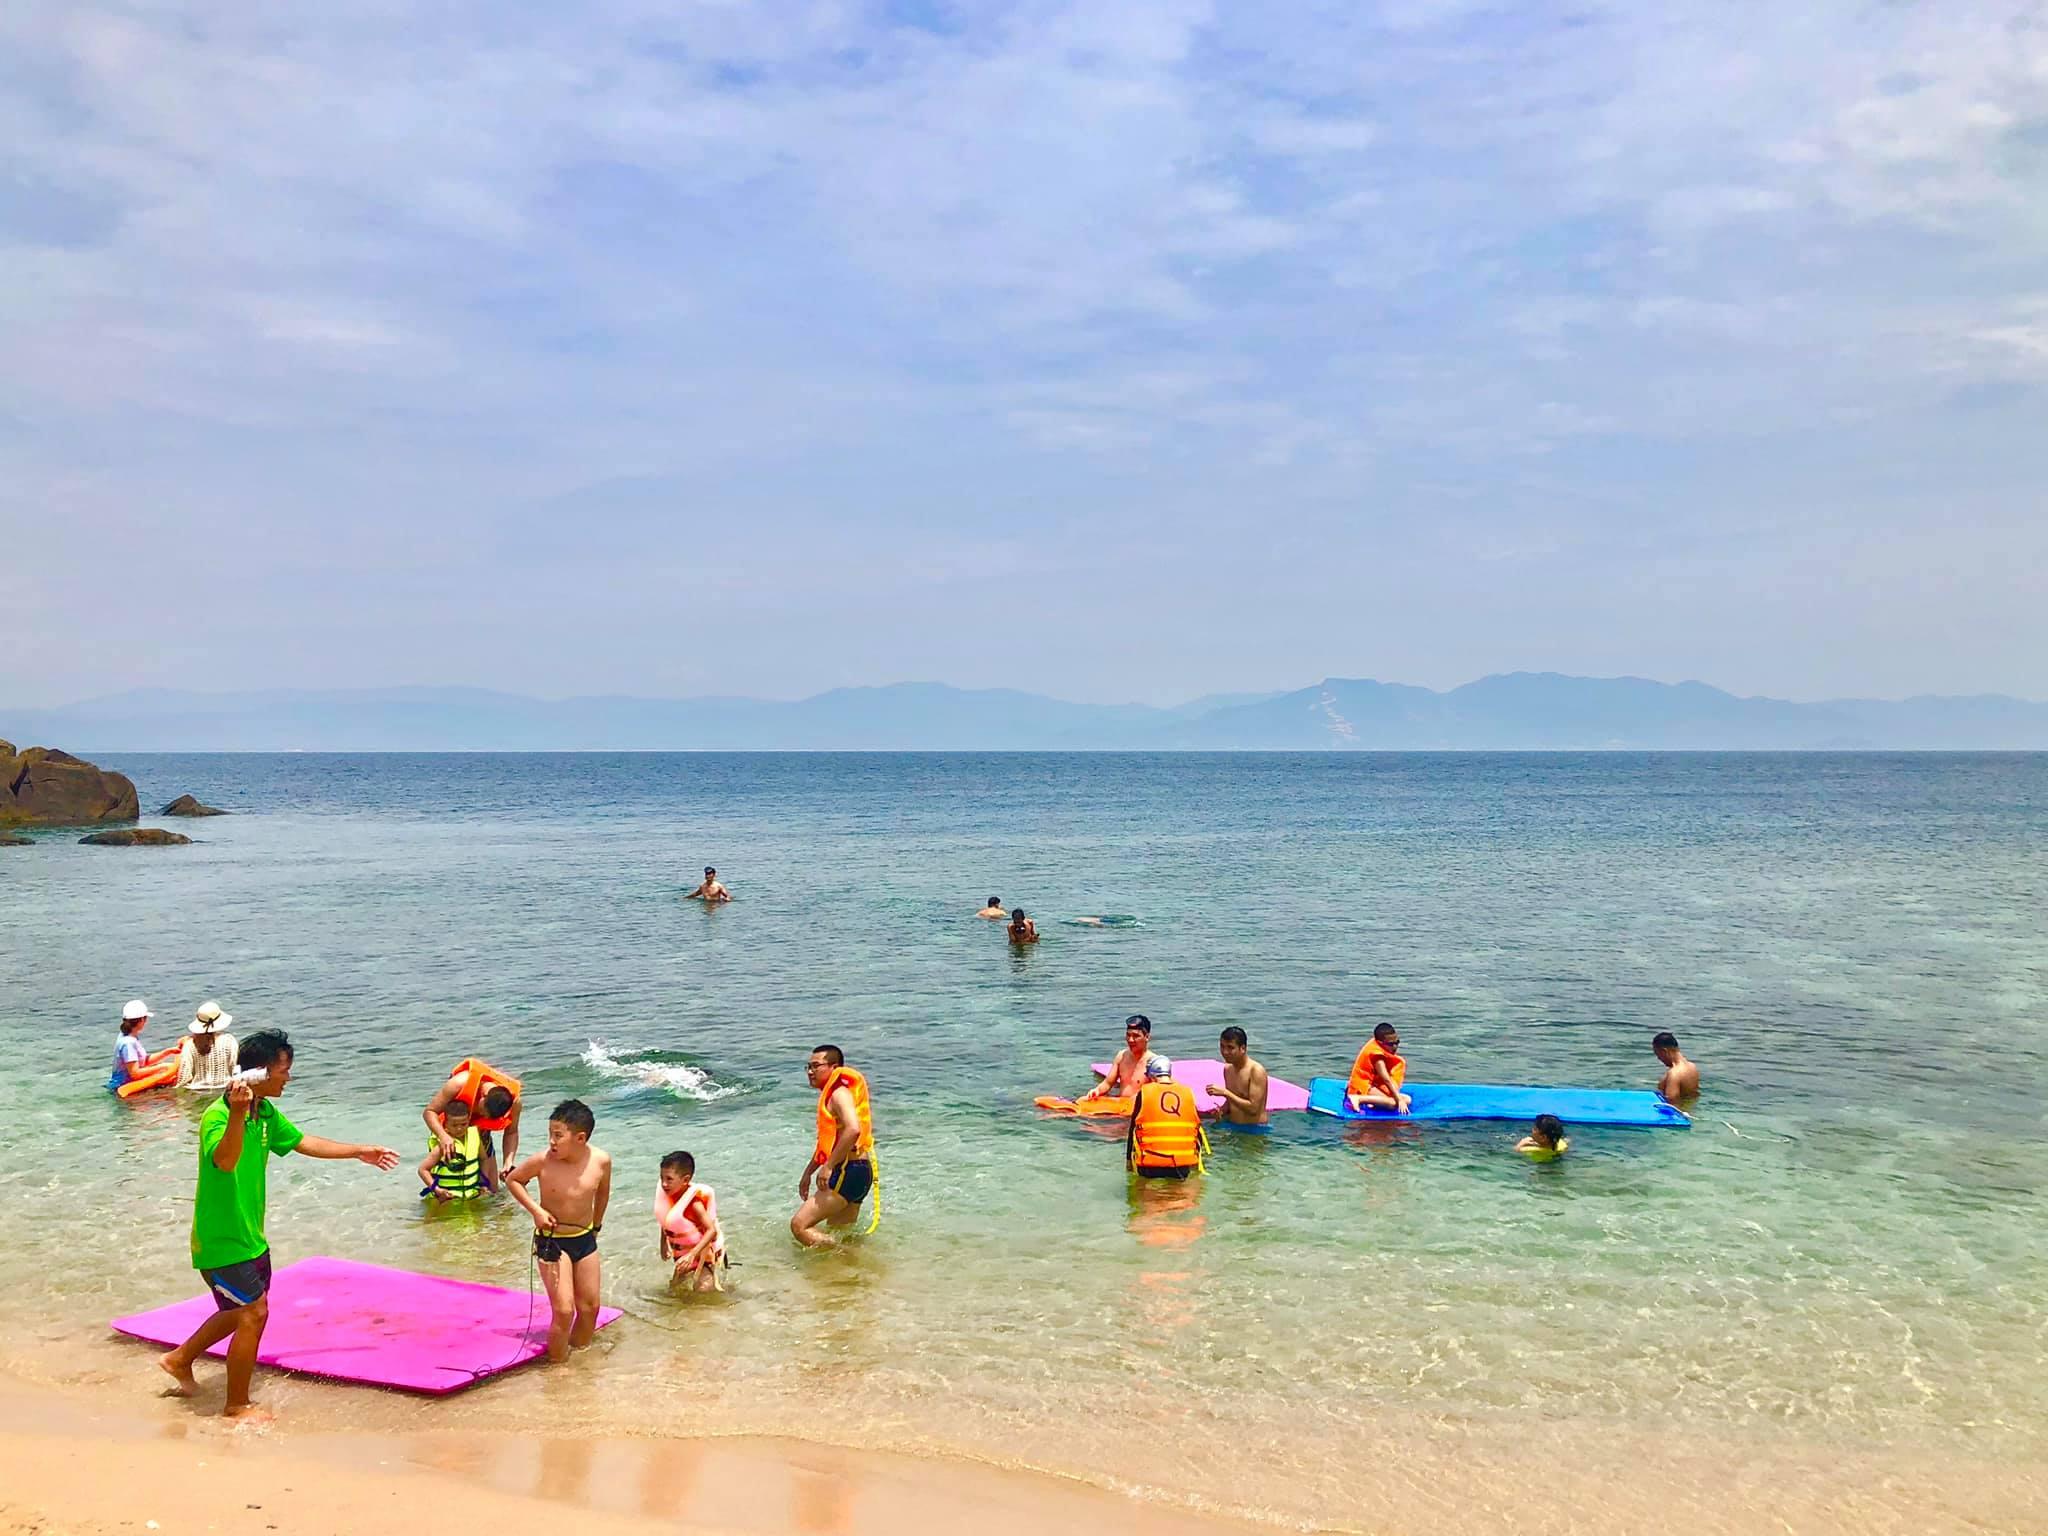 Du khách lặn ngắm san hô tại đảo Cù Lao Xanh